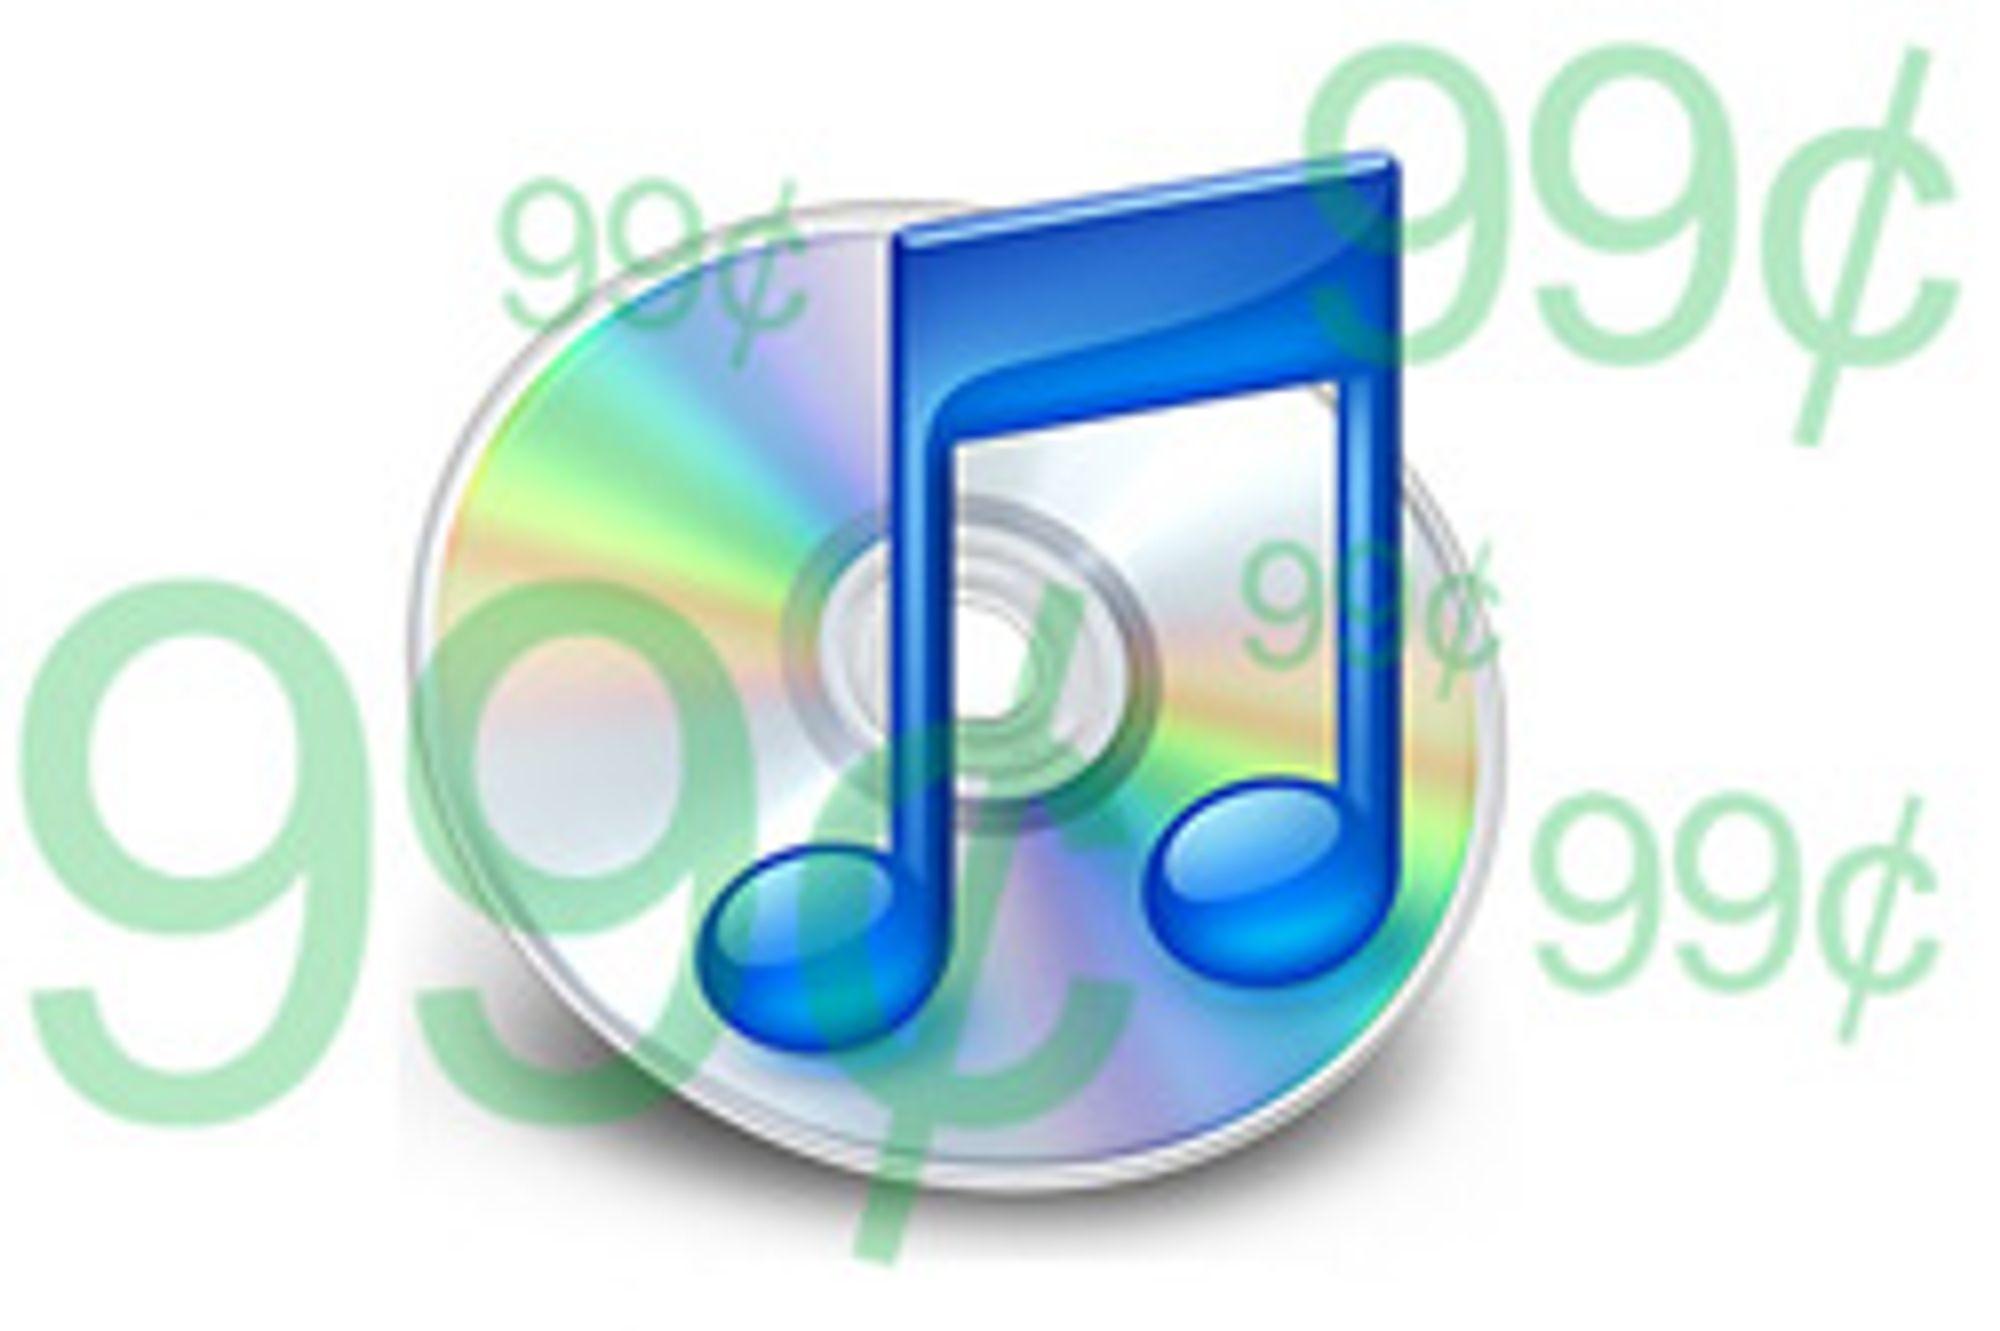 DRM-fri musikk blir billigere hos Itunes. (Illustrasjon: Gizmodo)